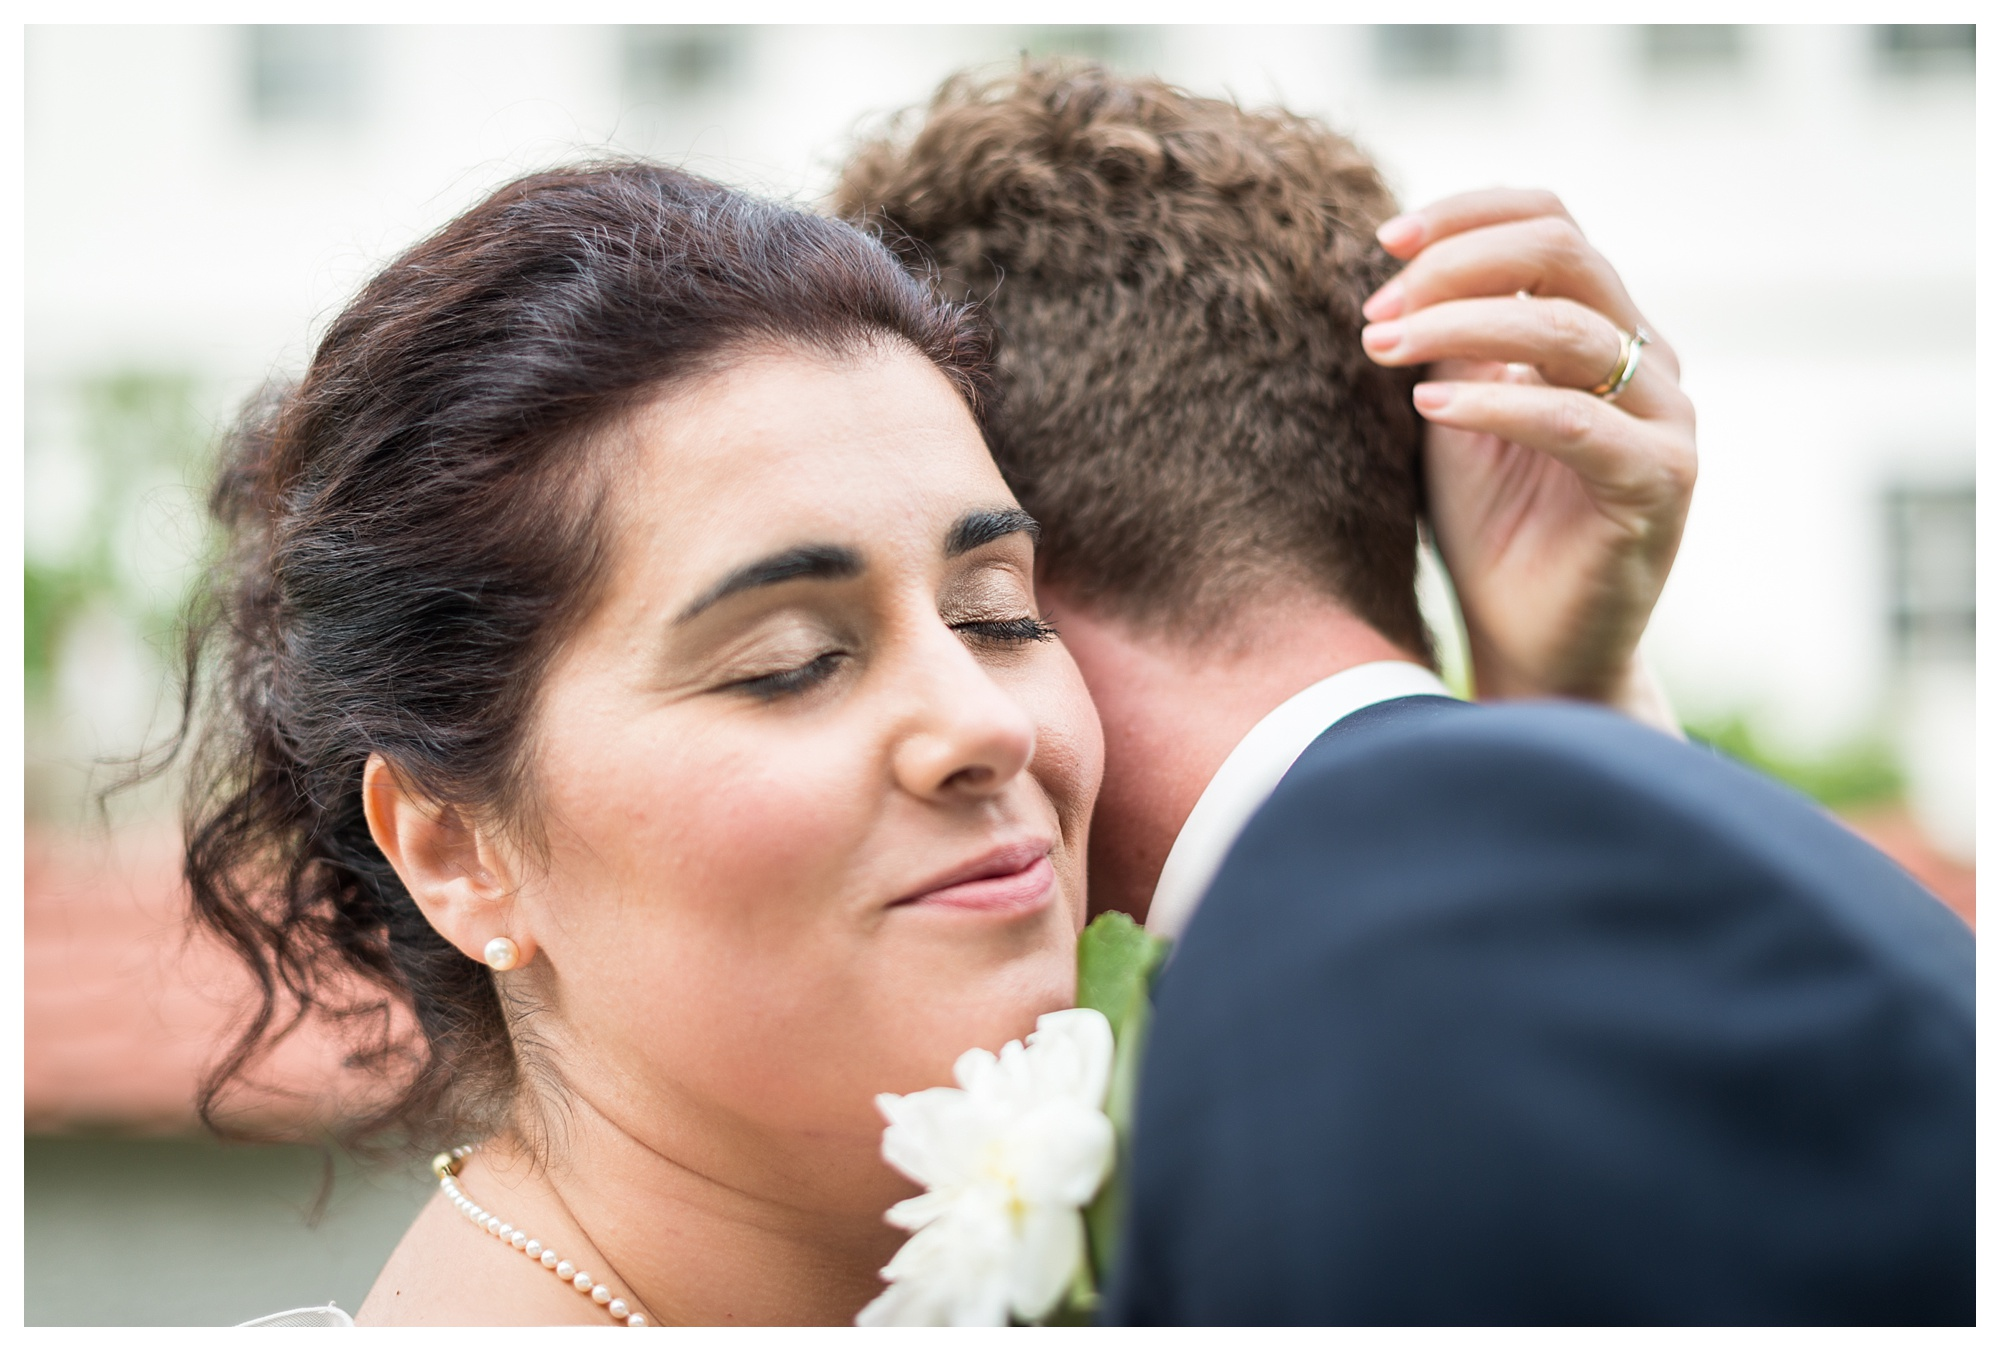 Fotograf Konstanz - Hochzeit Tanja Elmar Elmar Feuerbacher Photography Konstanz Messkirch Highlights 085 - Hochzeitsreportage von Tanja und Elmar im Schloss Meßkirch  - 186 -